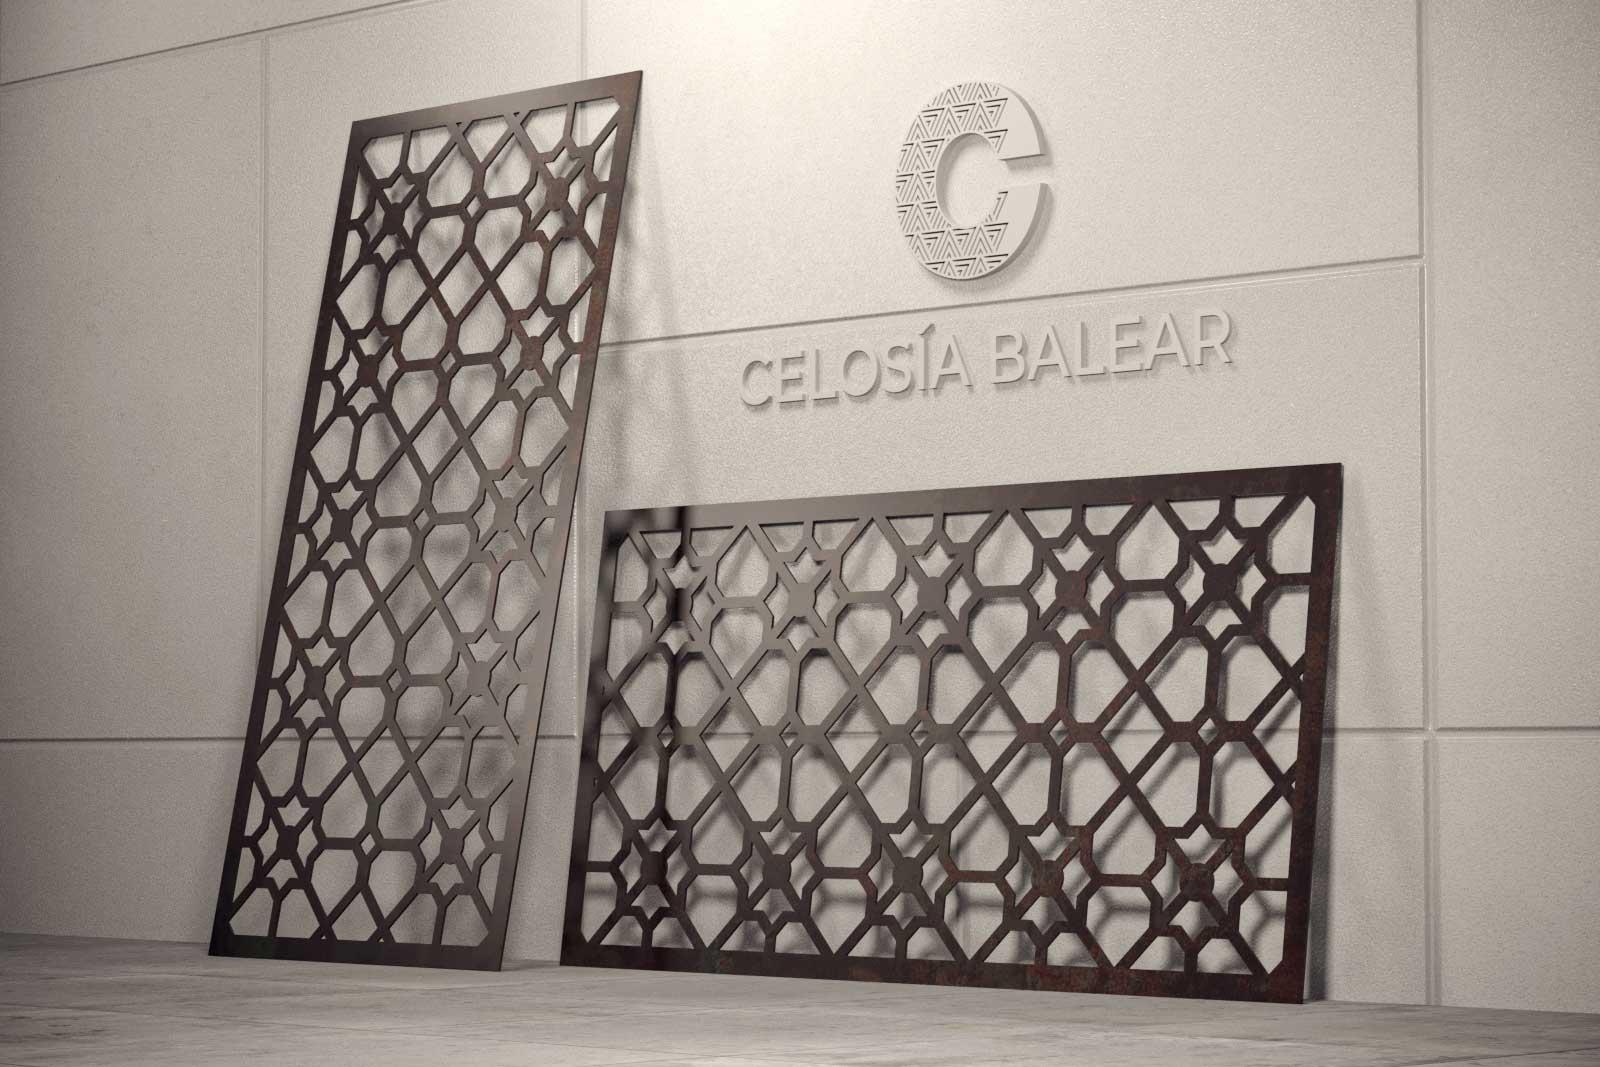 corte en placa metálica de celosía con diseño arábico